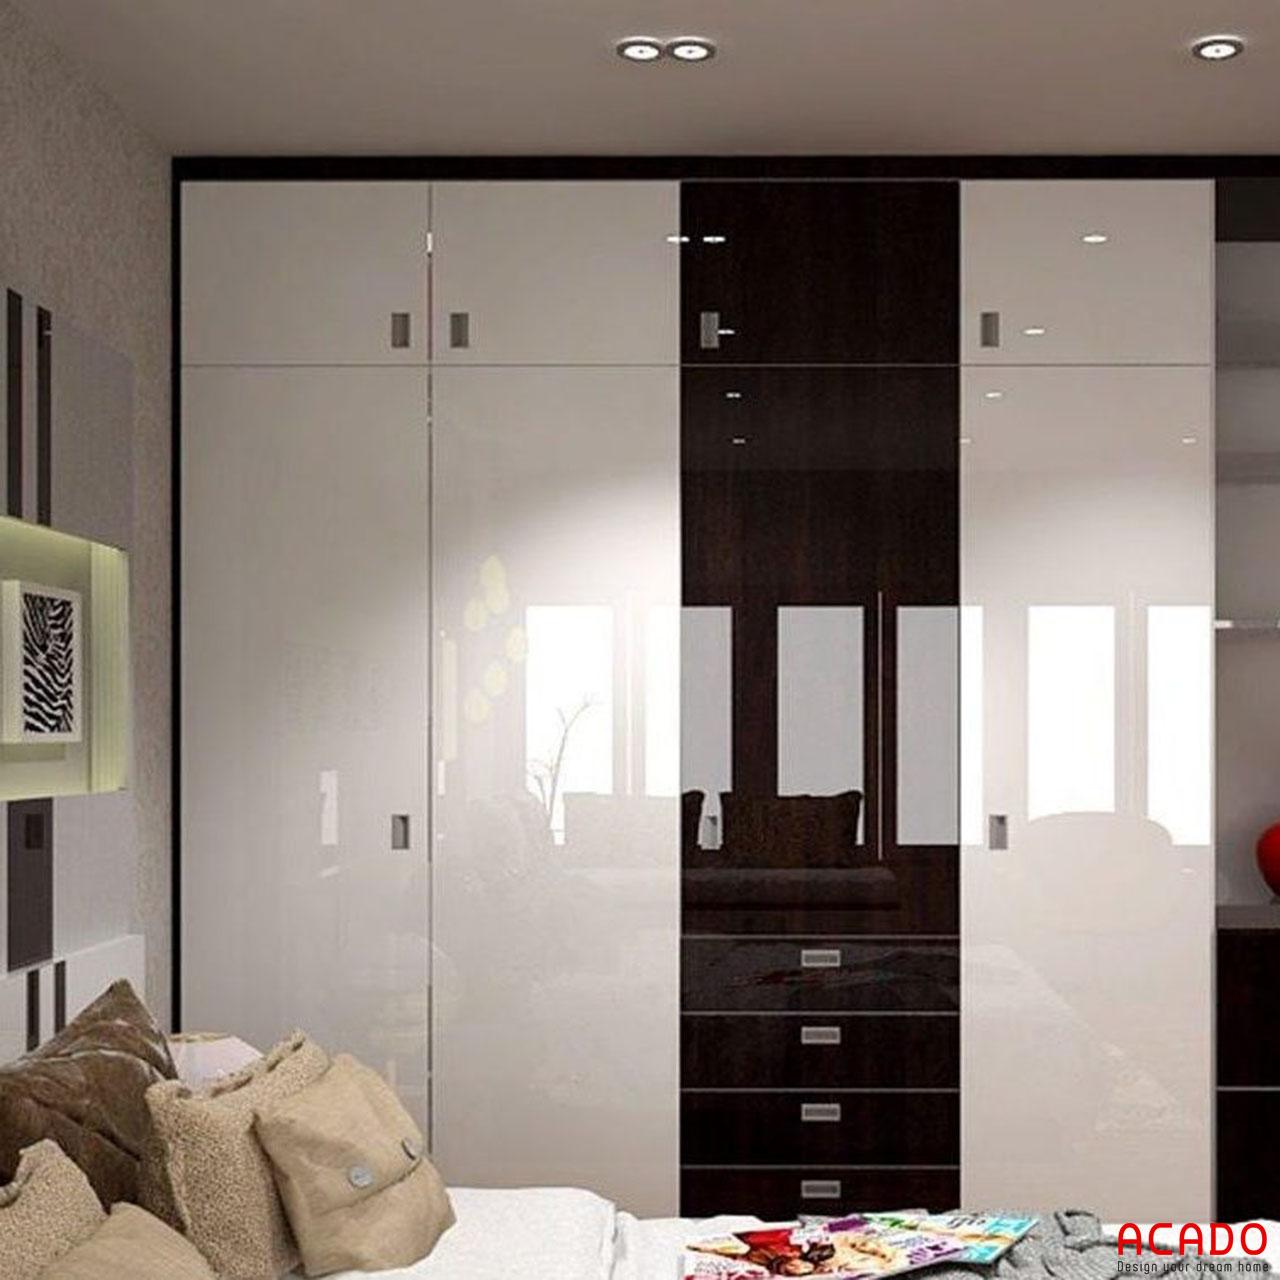 Tủ quần áo làm từ chất liệu Acrylic bóng gương sang trọng cho không gian phòng ngủ